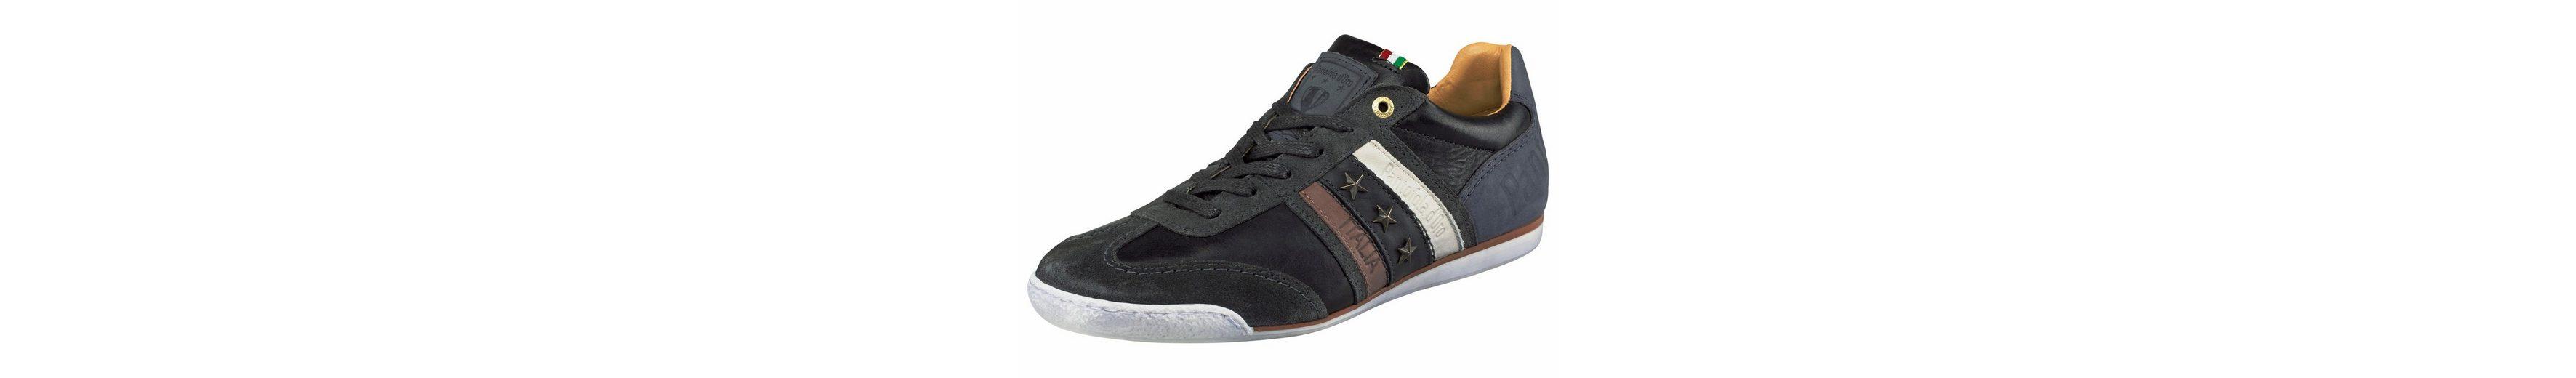 Pantofola d´Oro Ascoli Low Sneaker Freies Verschiffen Der Suche Nach Kosten Neue Stile Große Diskont Günstiger Preis Professioneller Günstiger Preis DgrLGlYiSn